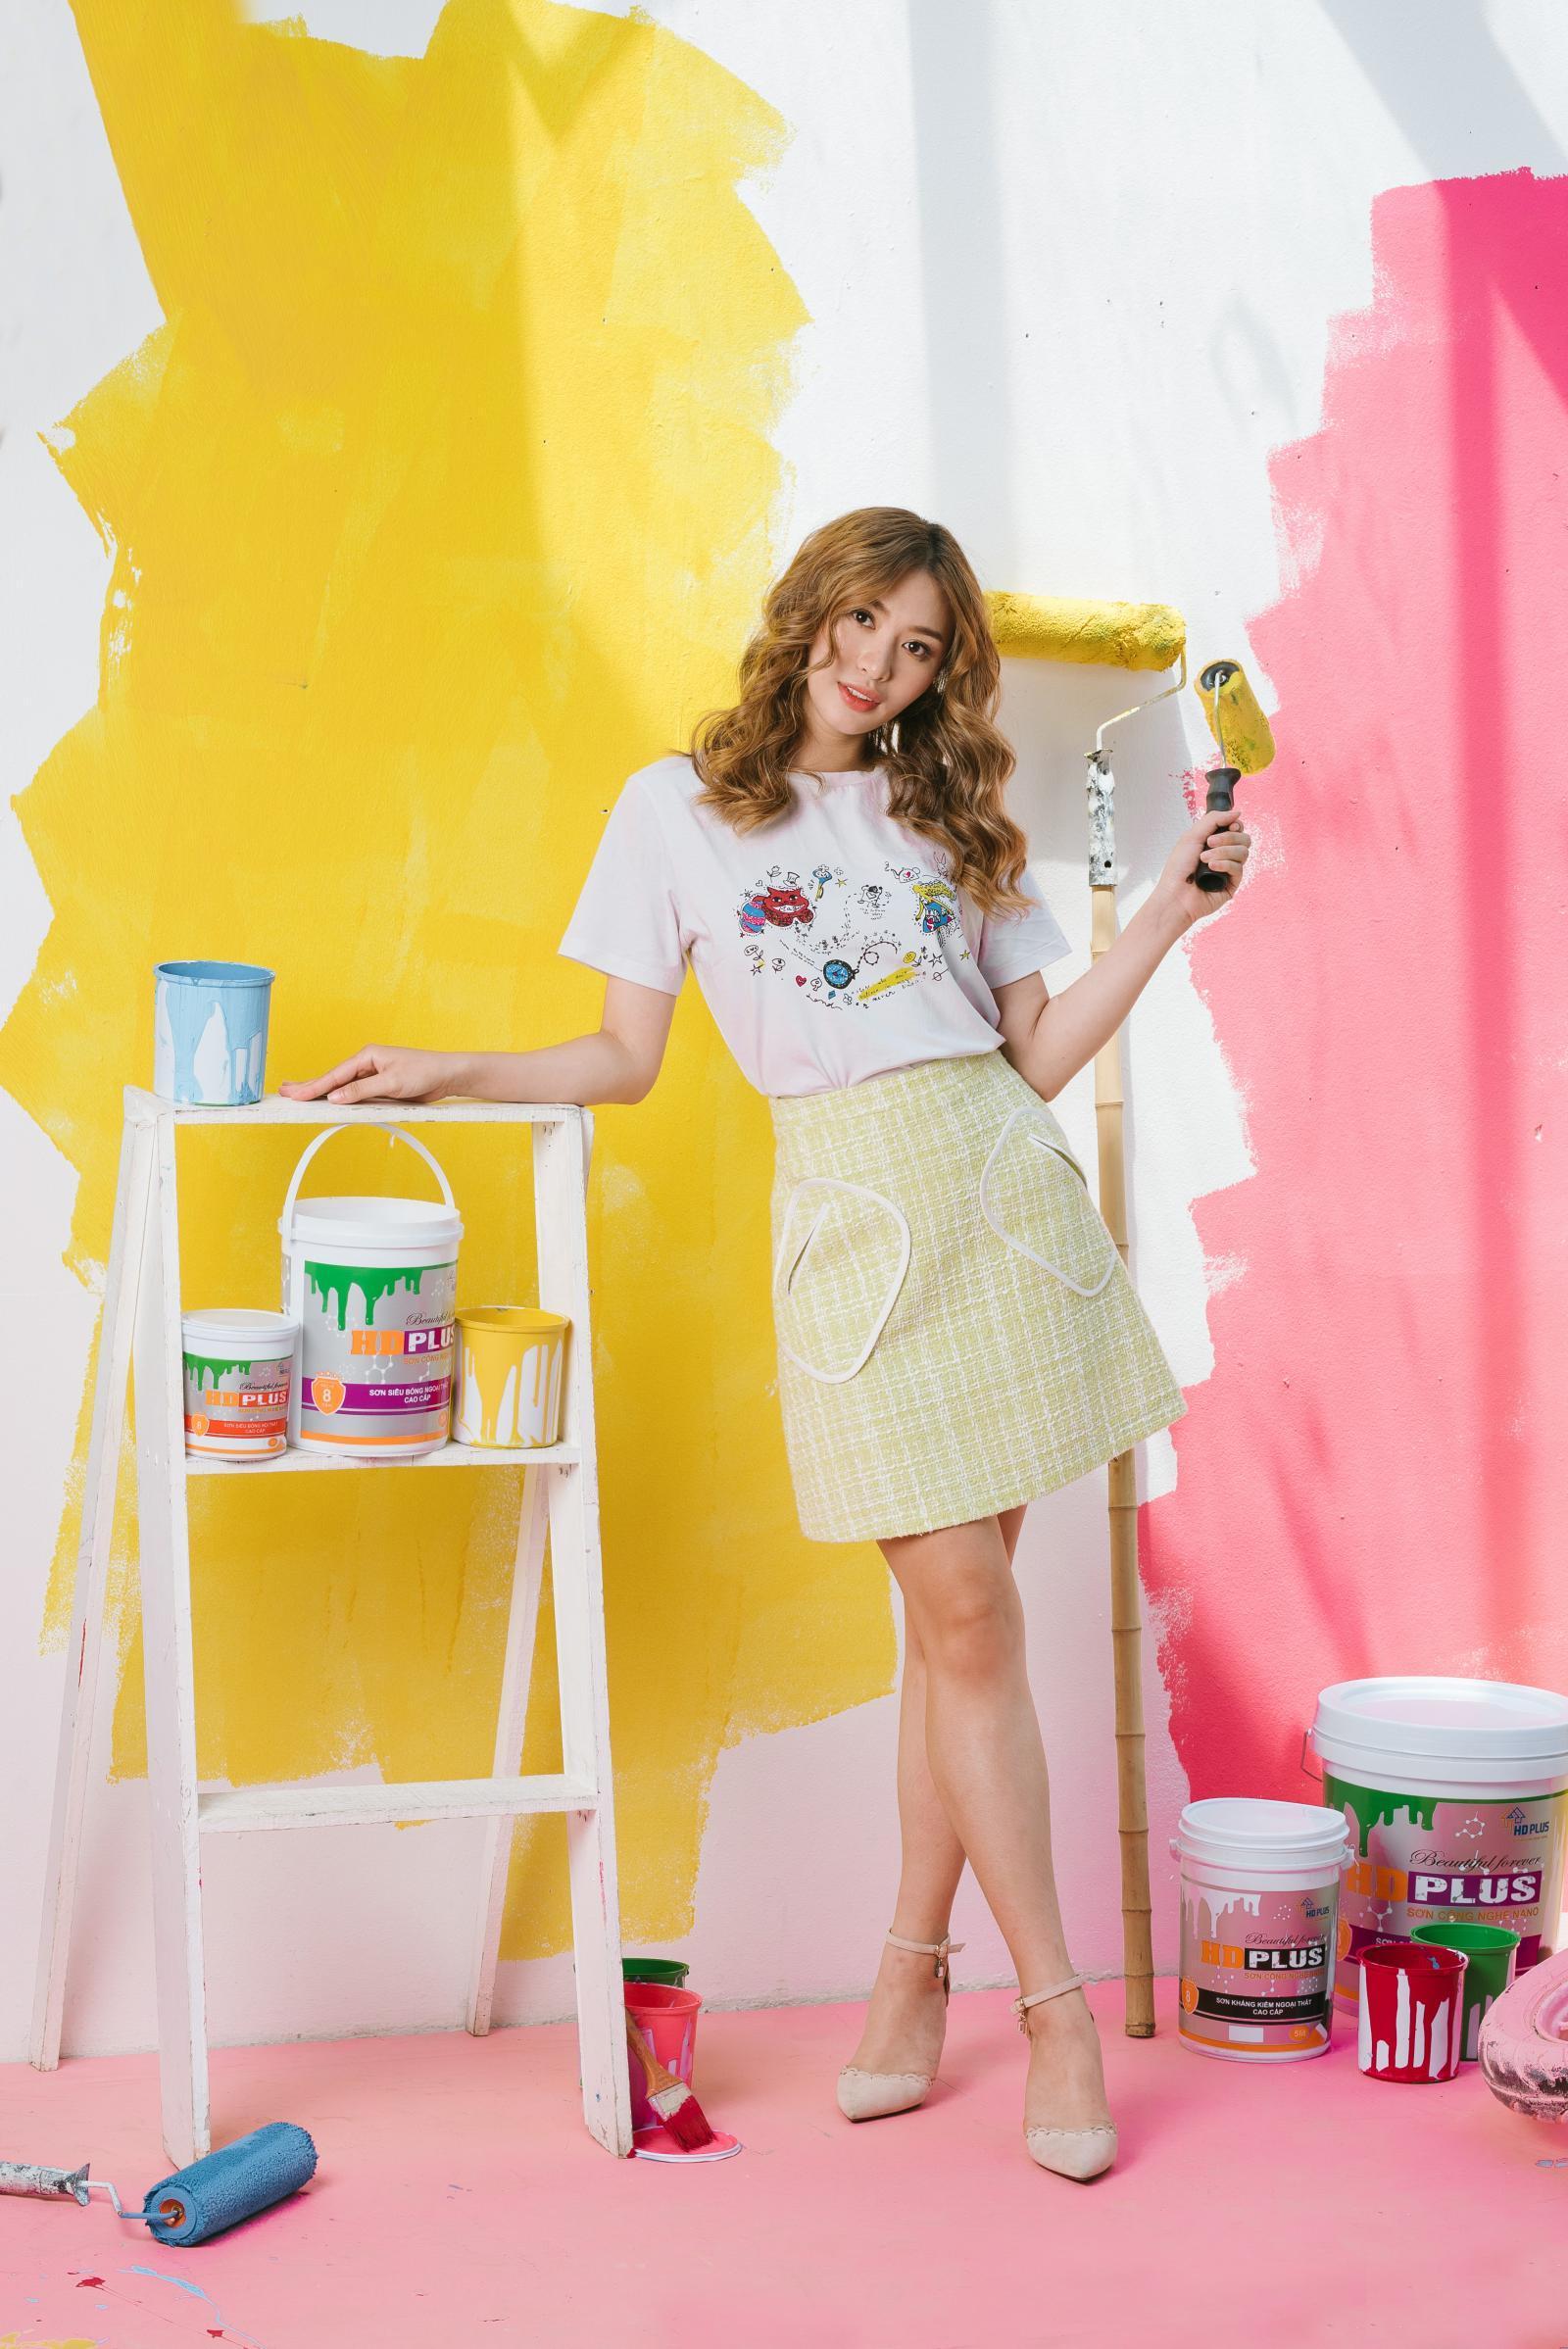 hình ảnh cô gái bên nhãn hiệu sơn